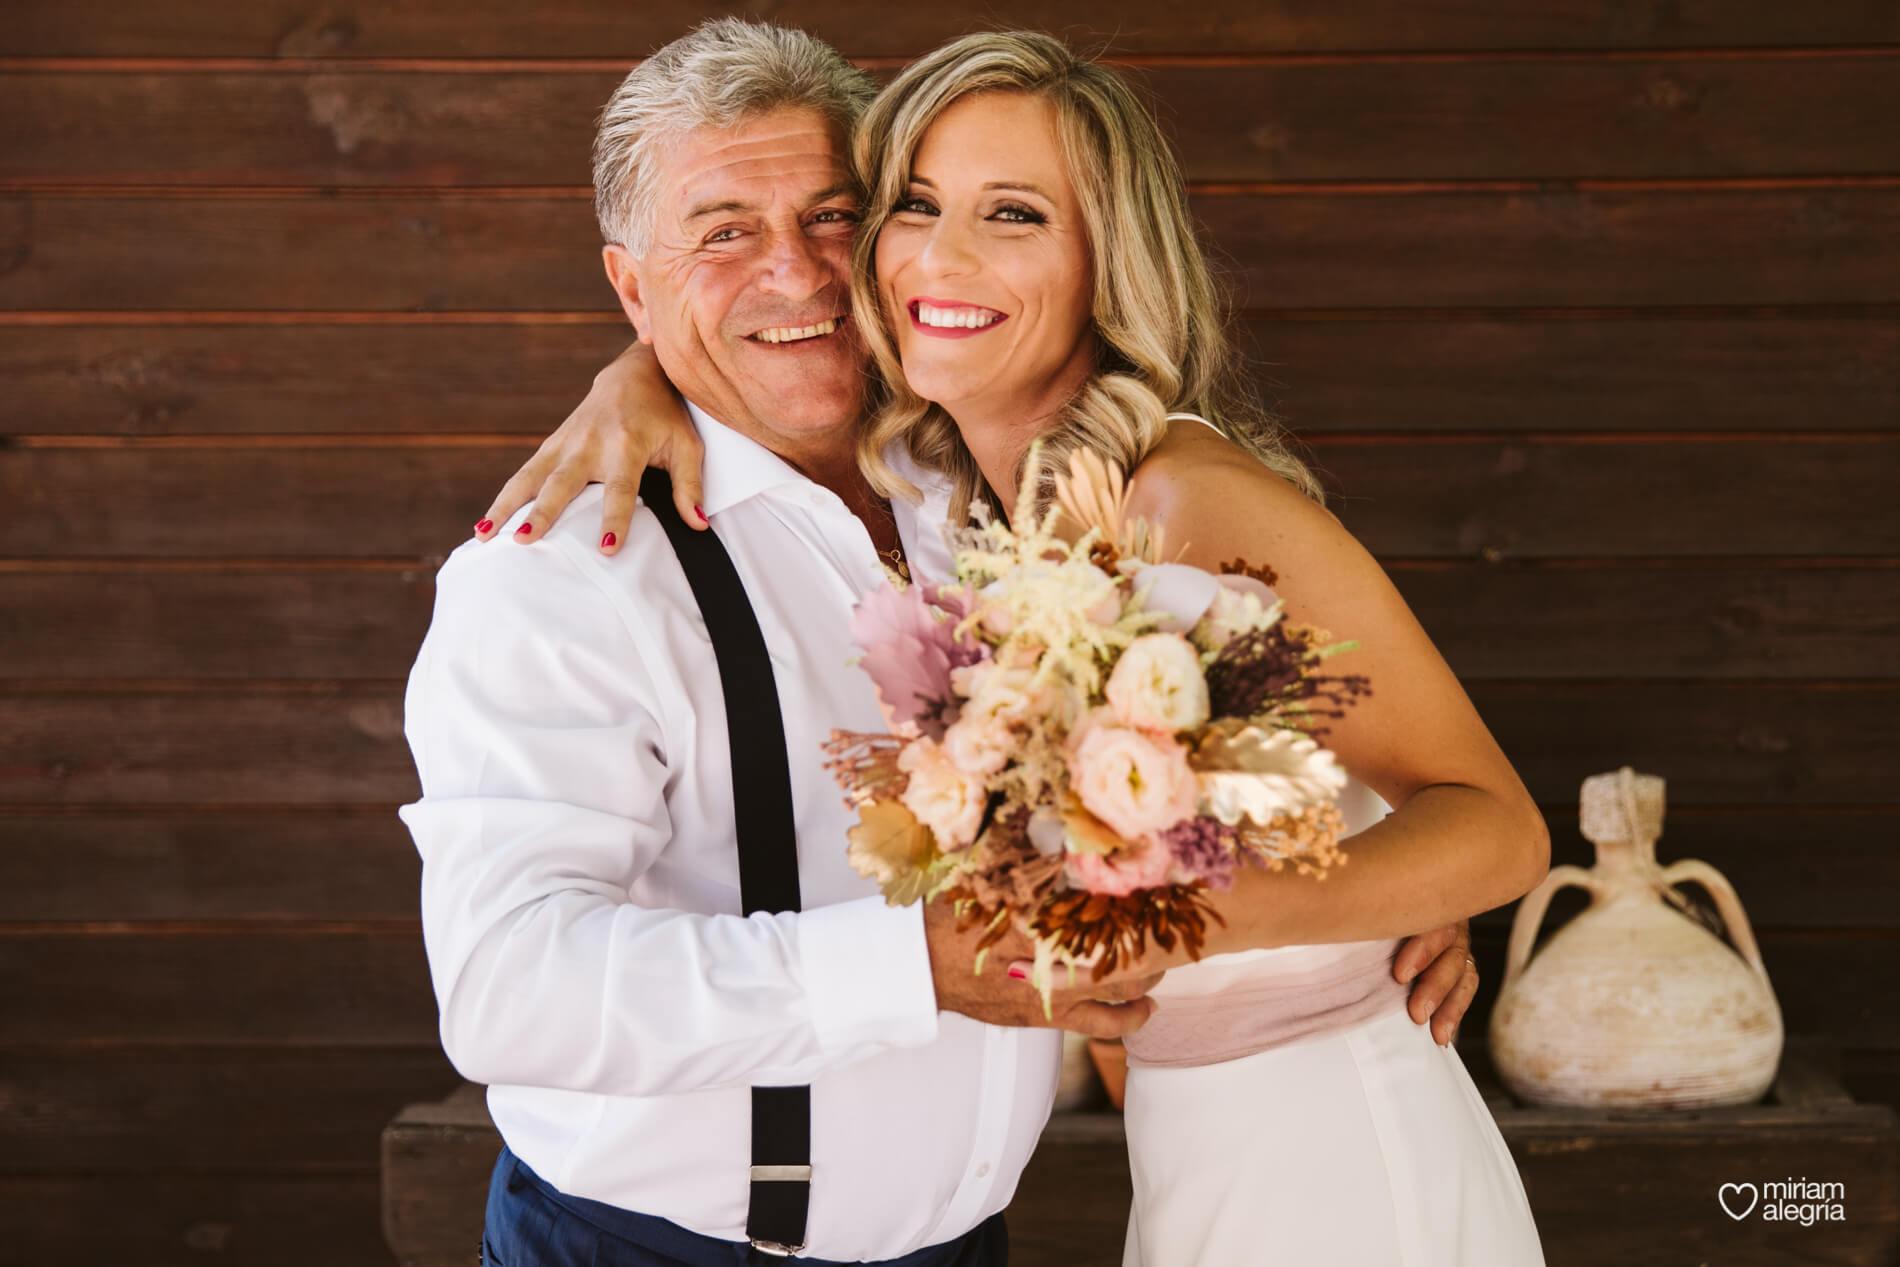 boda-en-collados-miriam-alegria-cayetana-ferrer-8